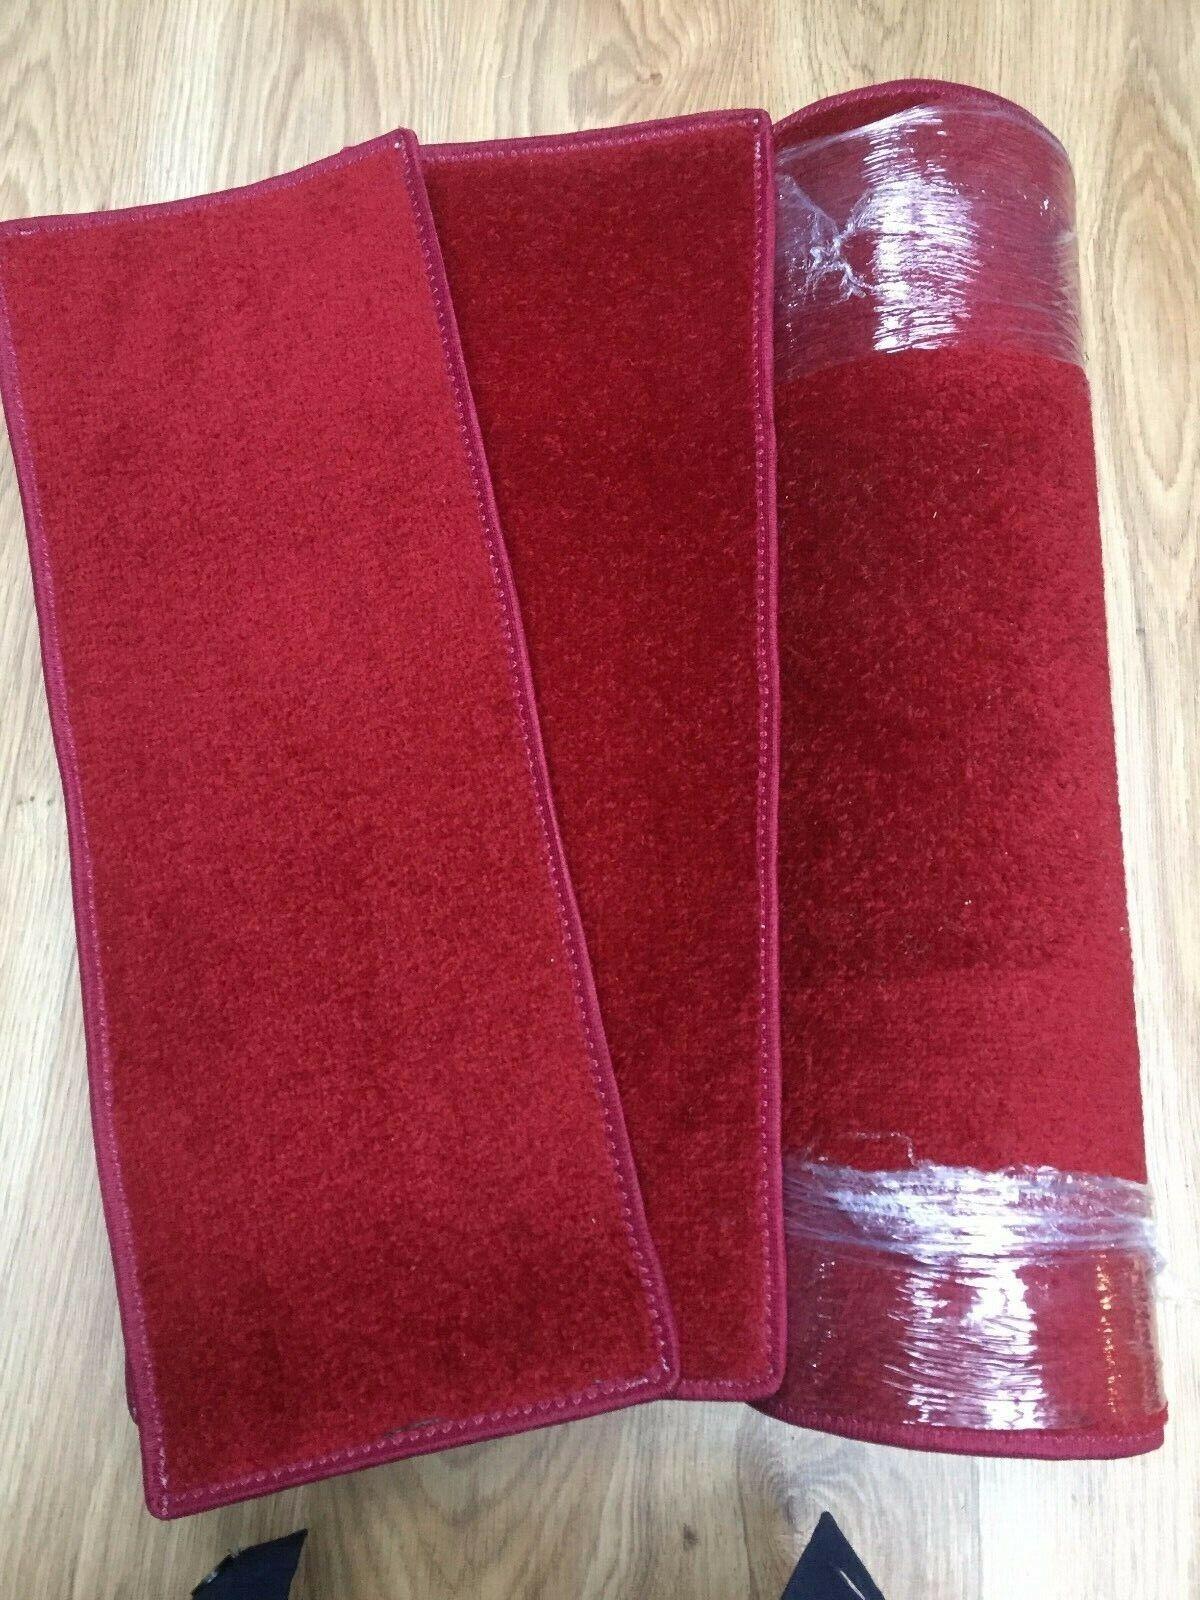 23 x 8.50 pollici (58 x 22 cm) X12 morbido pile rosso pregiato SCALA PADS + Tappeto  83